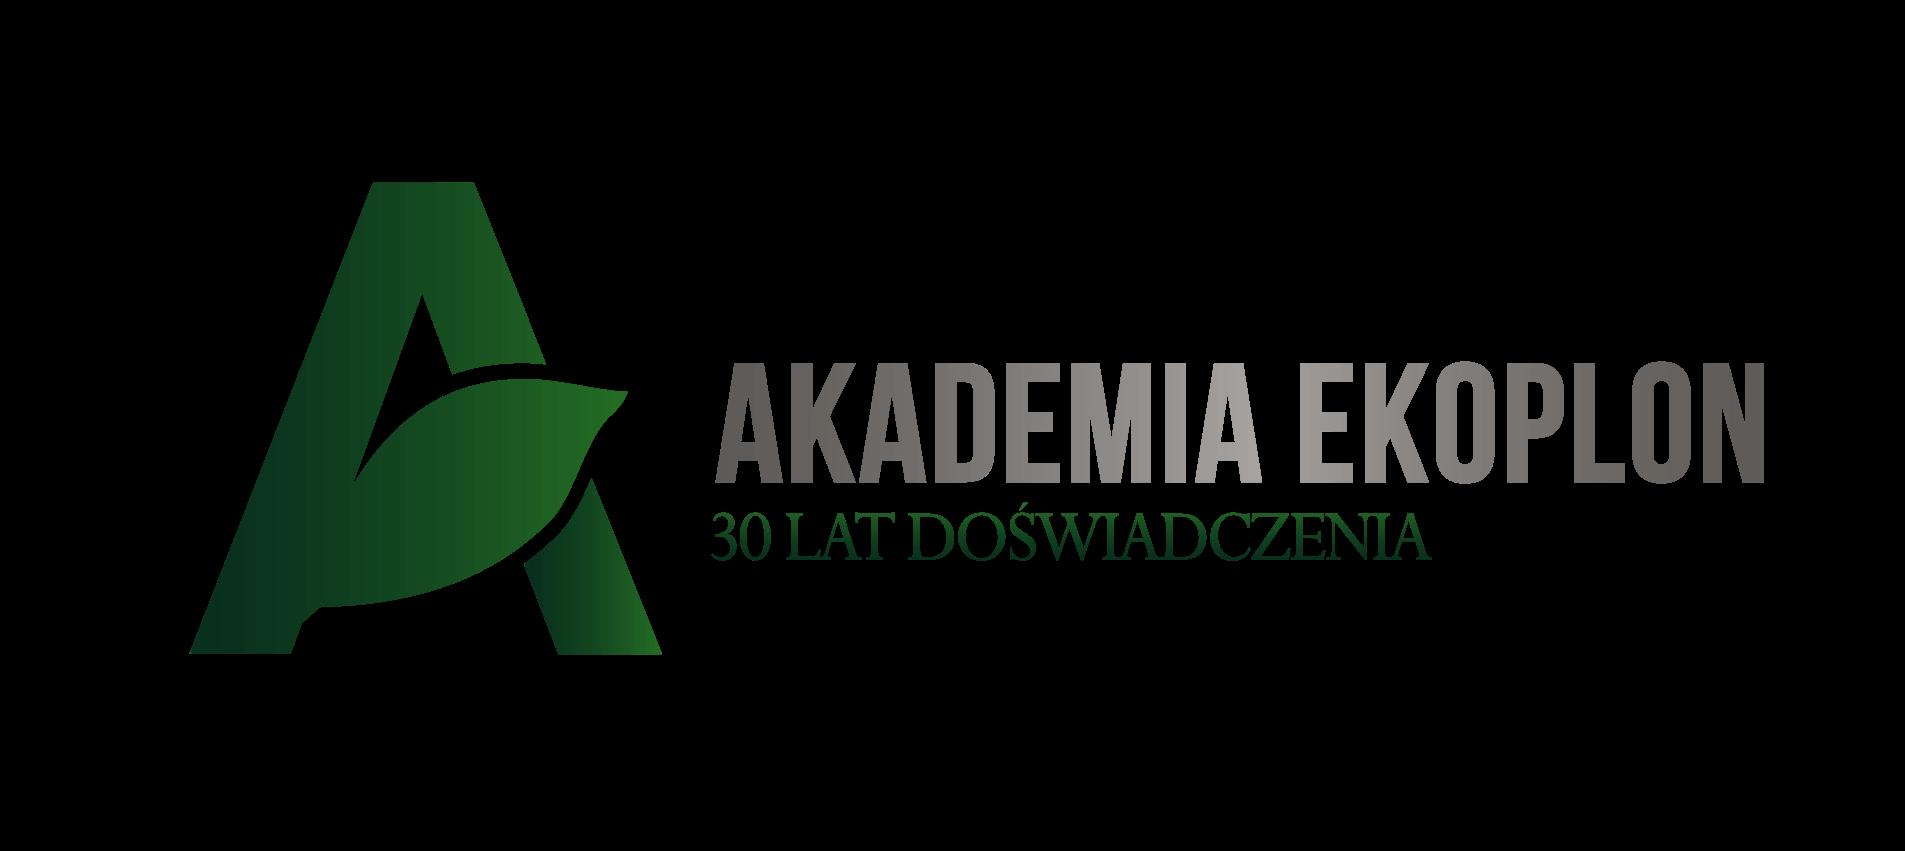 Akademia Ekoplon